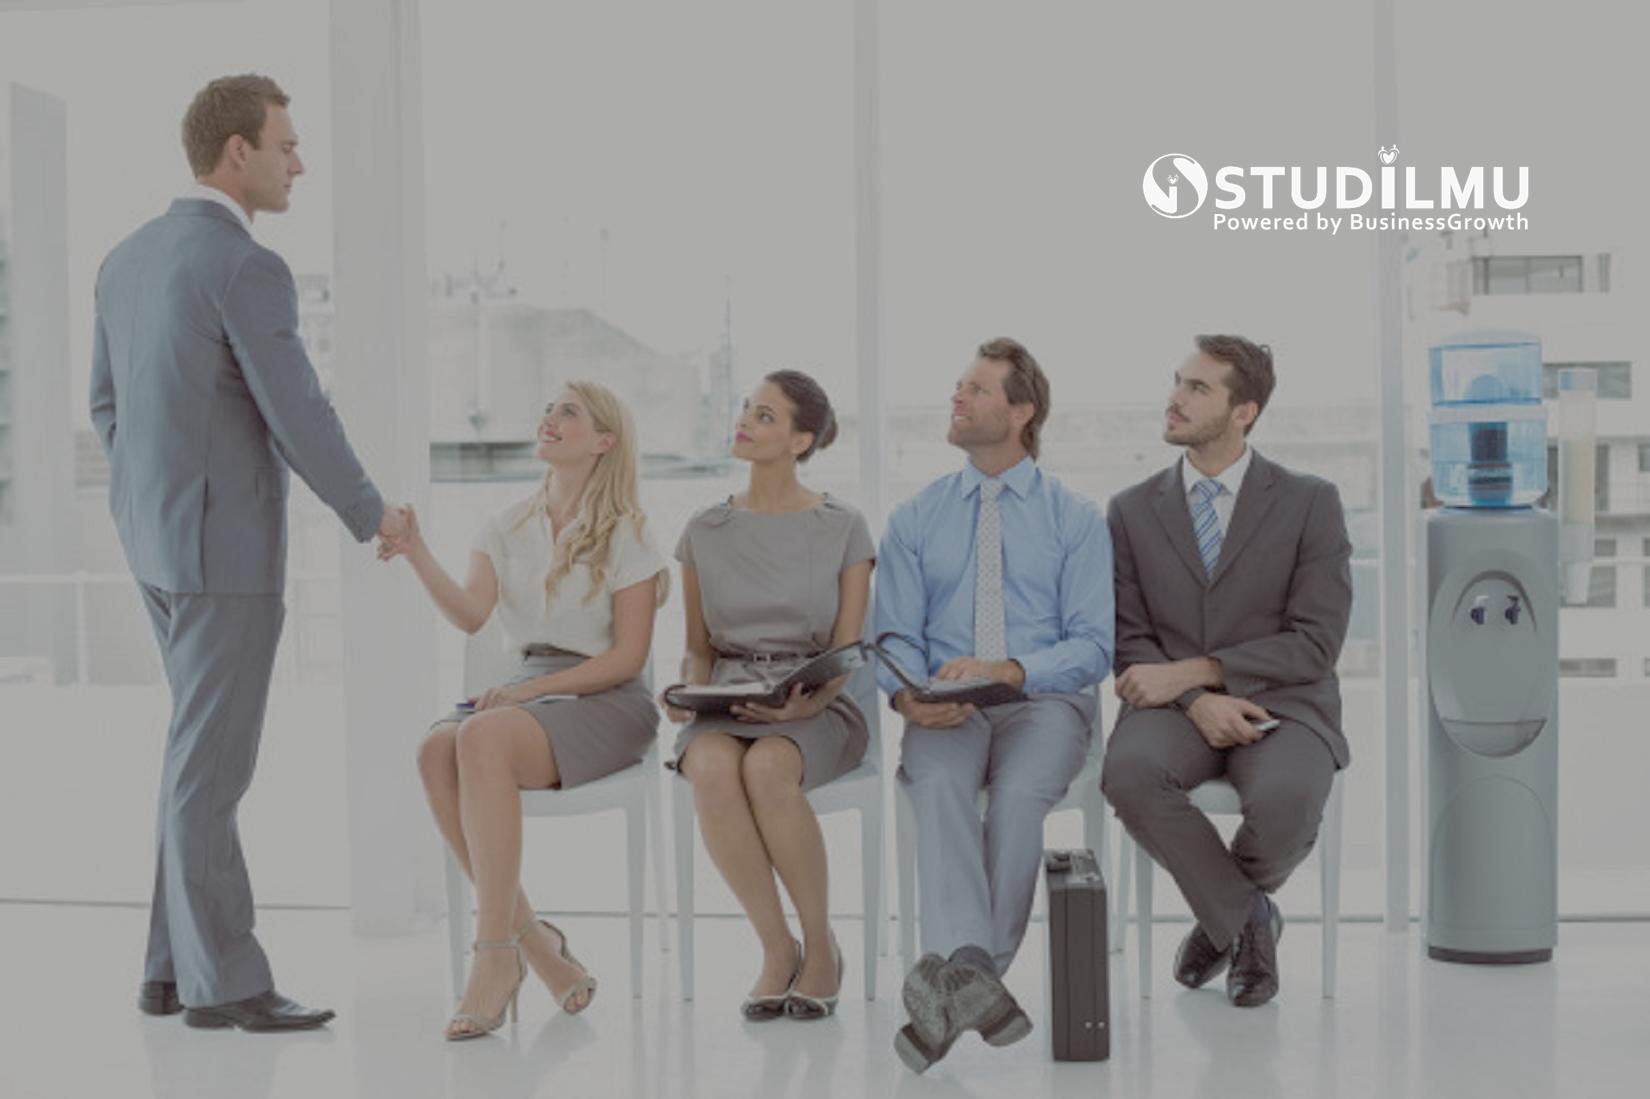 STUDILMU Career Advice - 8 Hal yang Perlu Dihindari Perekrut saat Wawancara Kerja